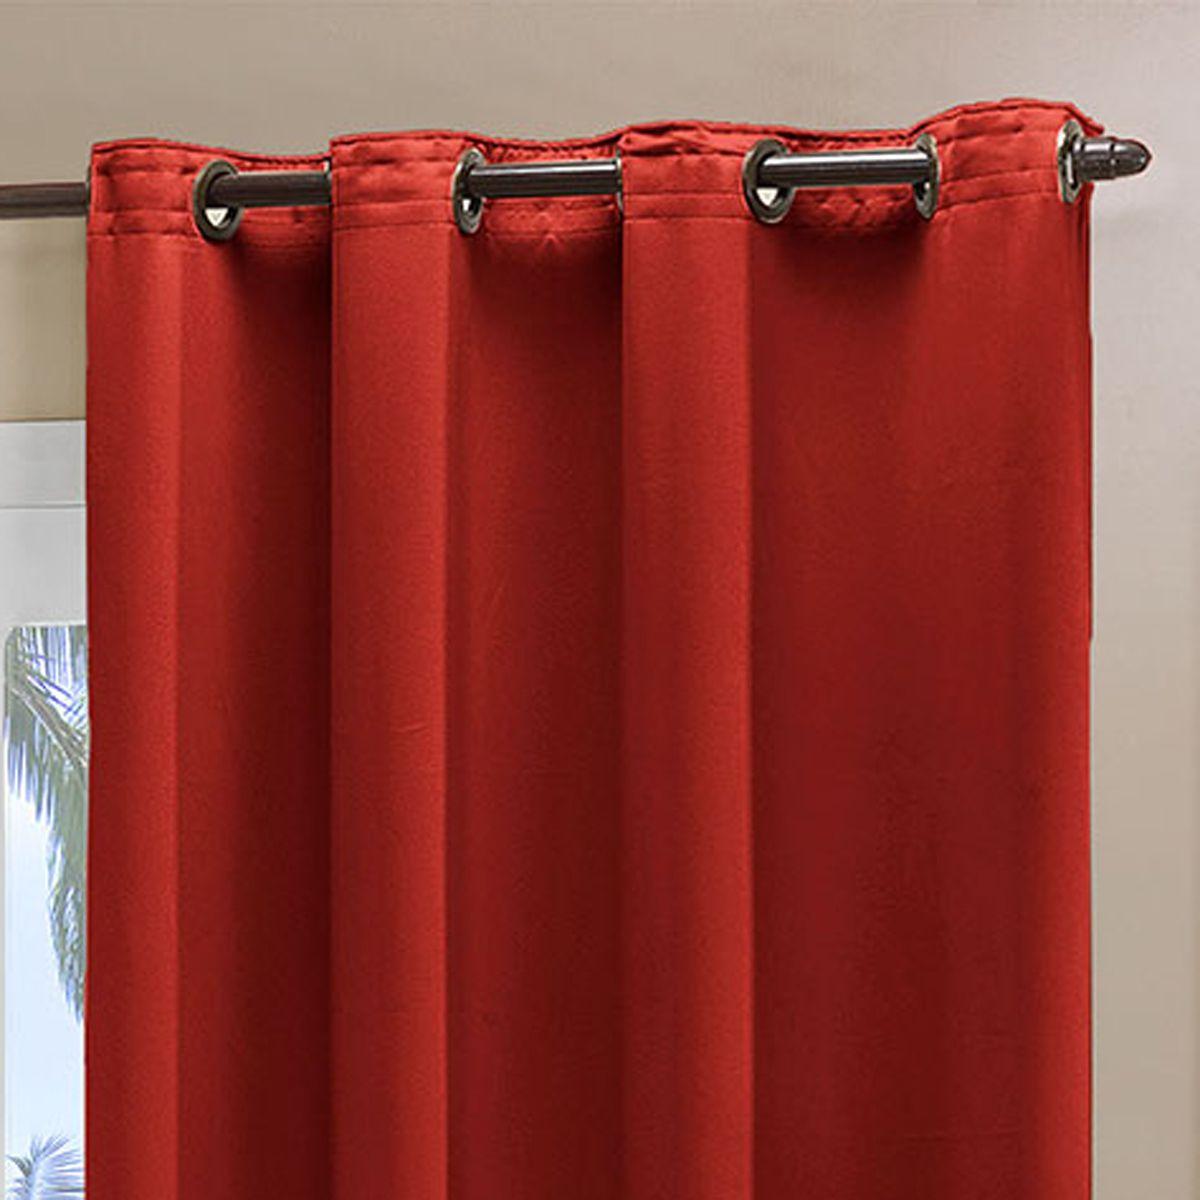 Cortina Blackout em Tecido Class Vermelho Corta Luz 2,80m x 2,30m